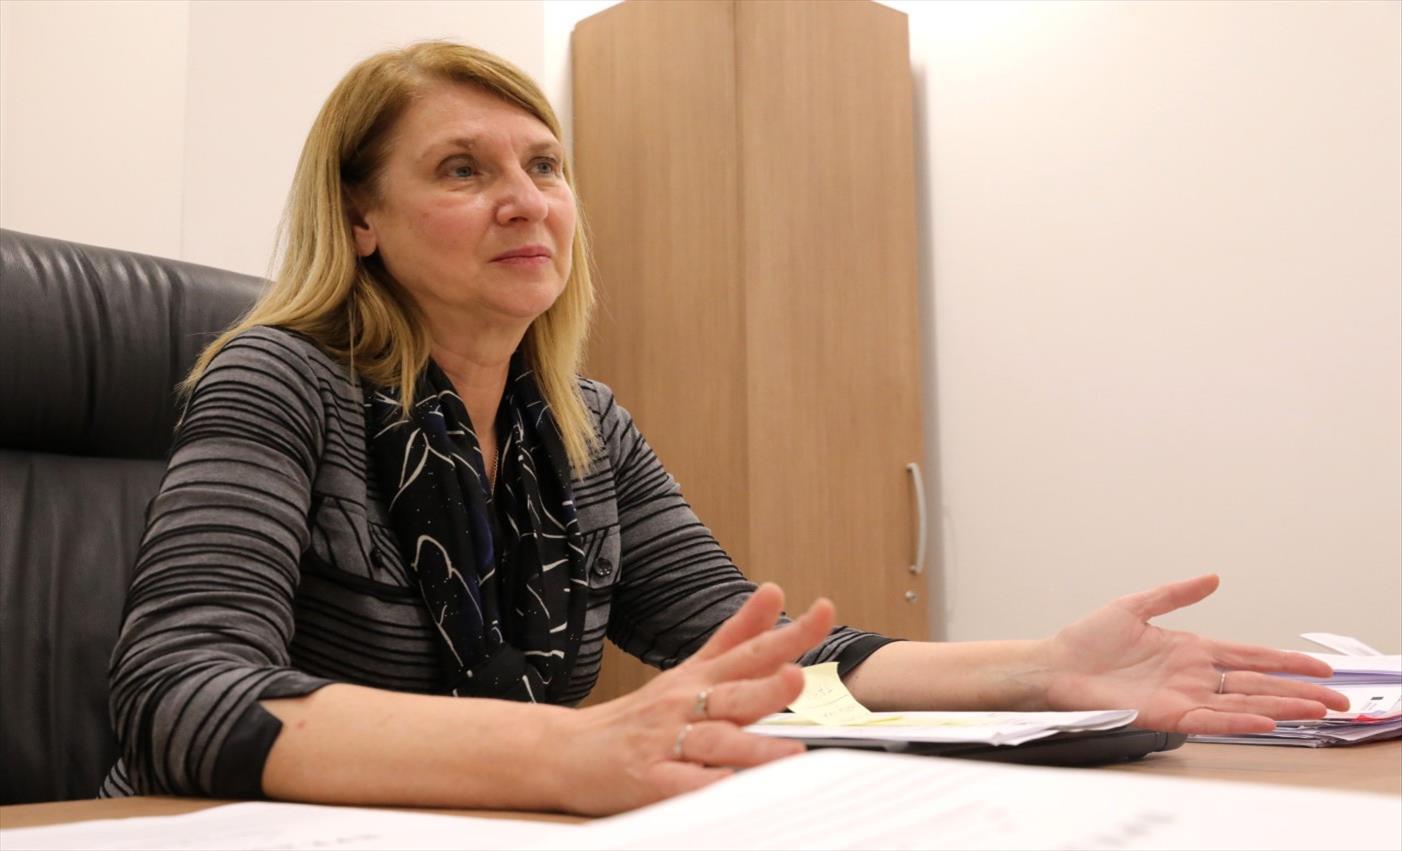 Слика од Петровска: Инспекторите се на терен, надзорите интензивно зголемени, резултати има, целта не се санкции, туку превенција и едукација